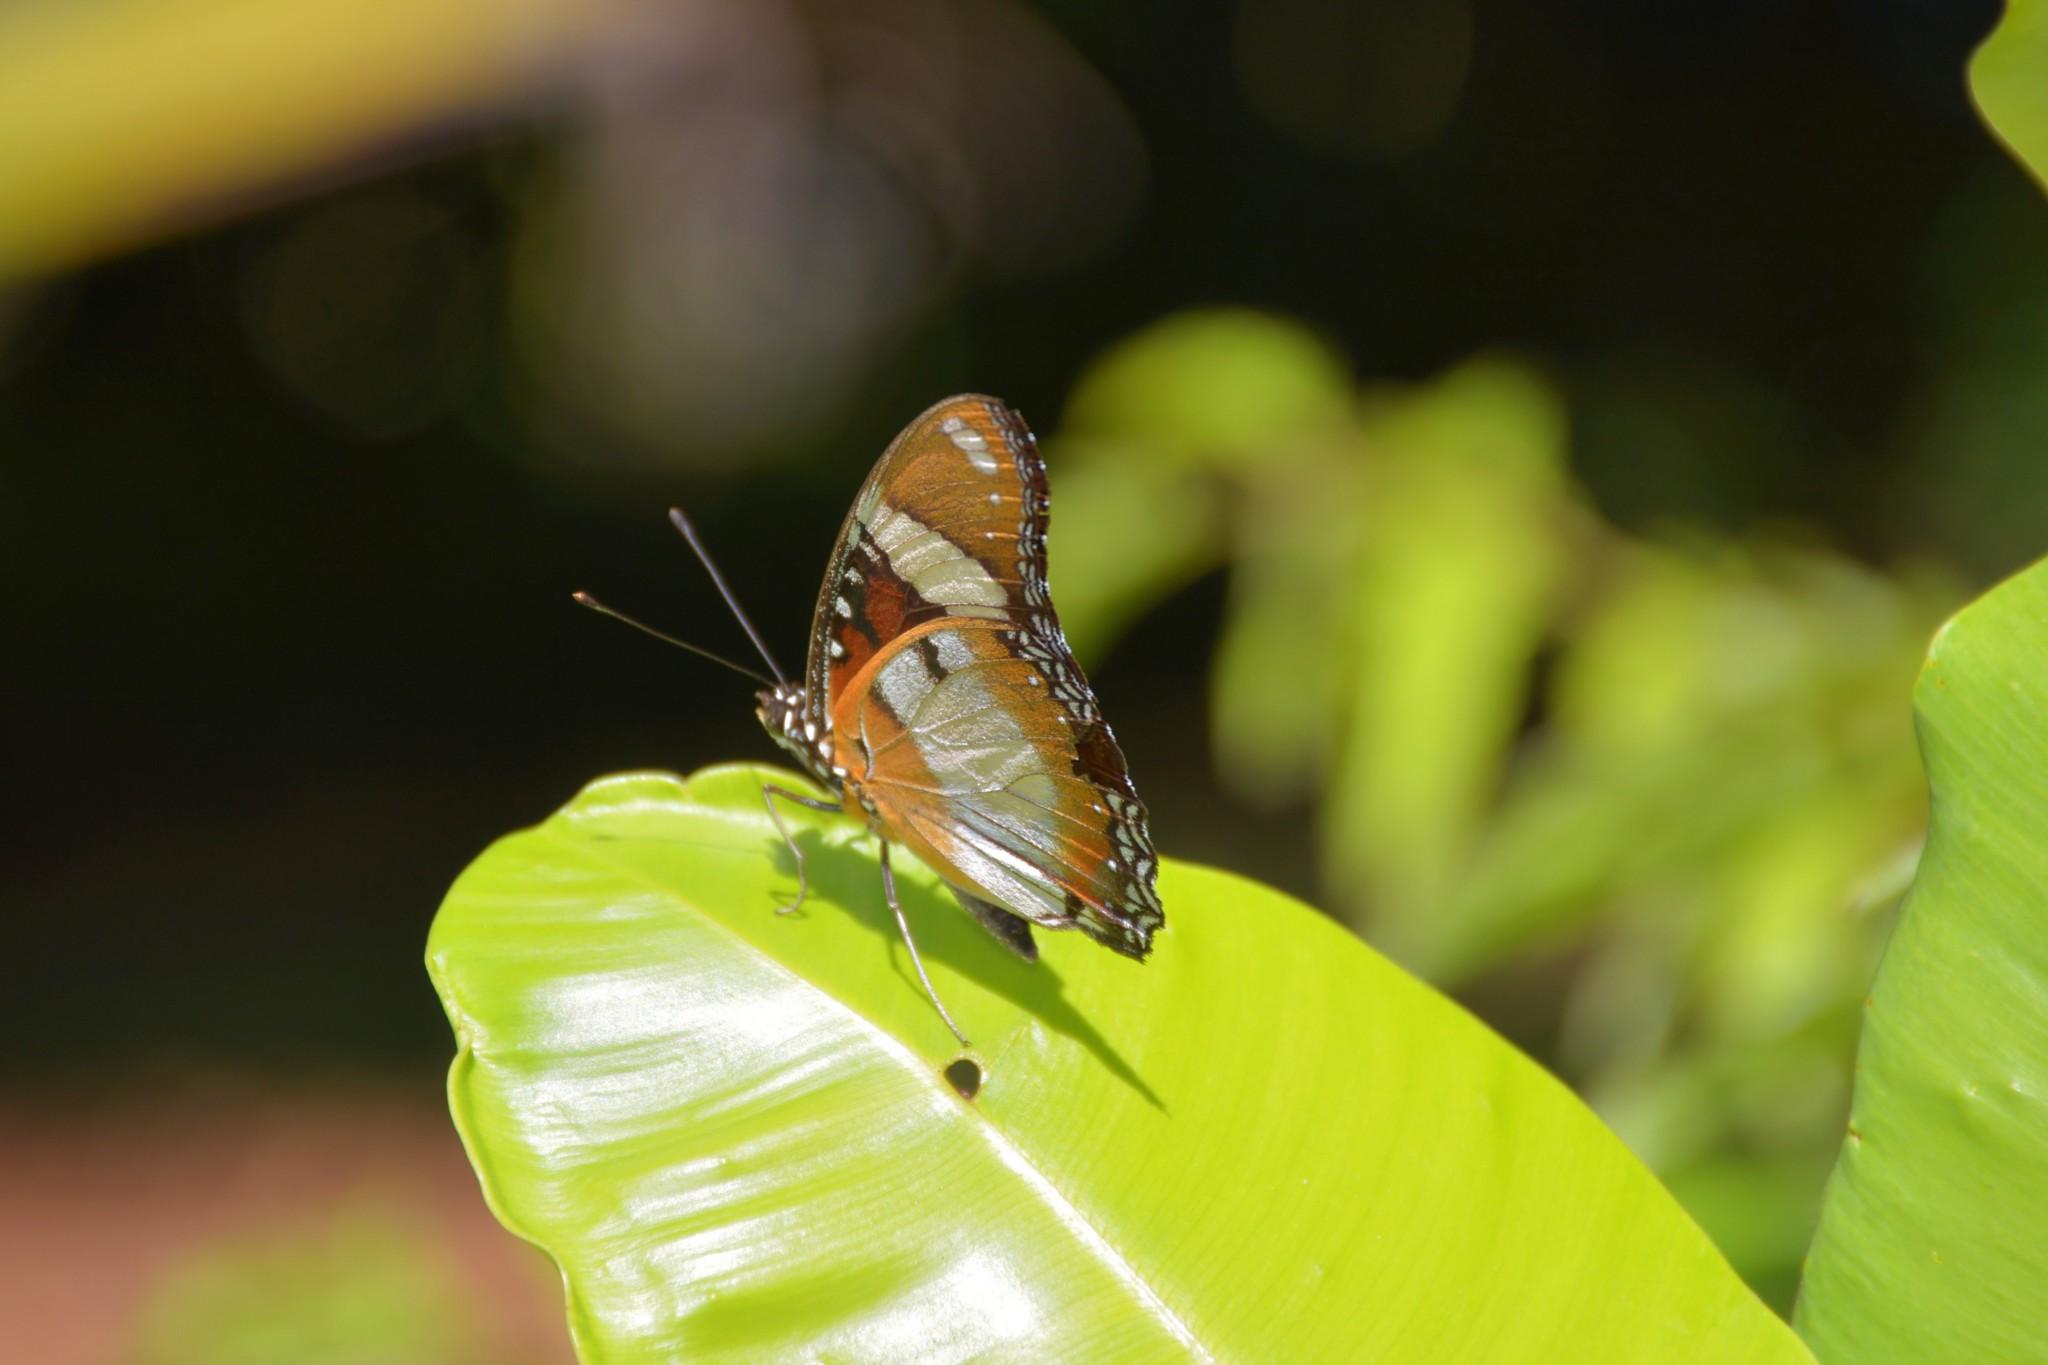 Schmetterling auf einem Blatt - La Digue